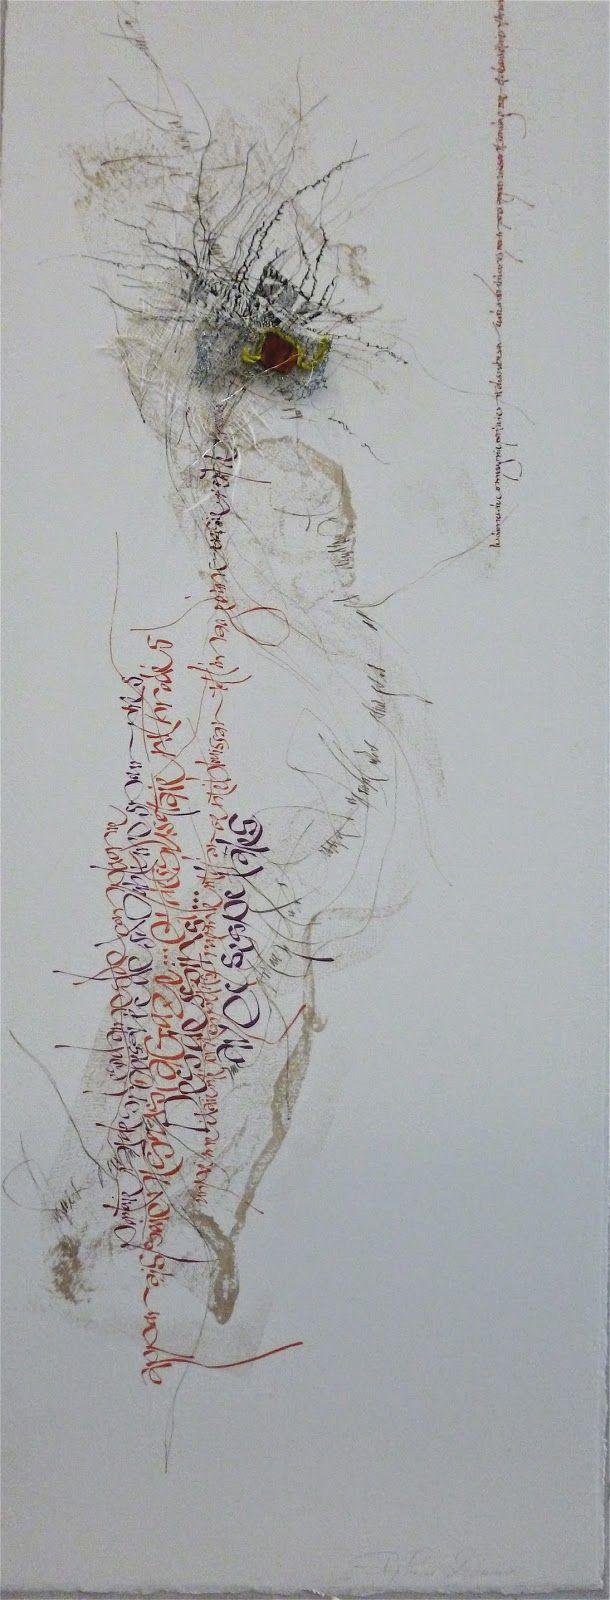 by Stéphanie Devaux